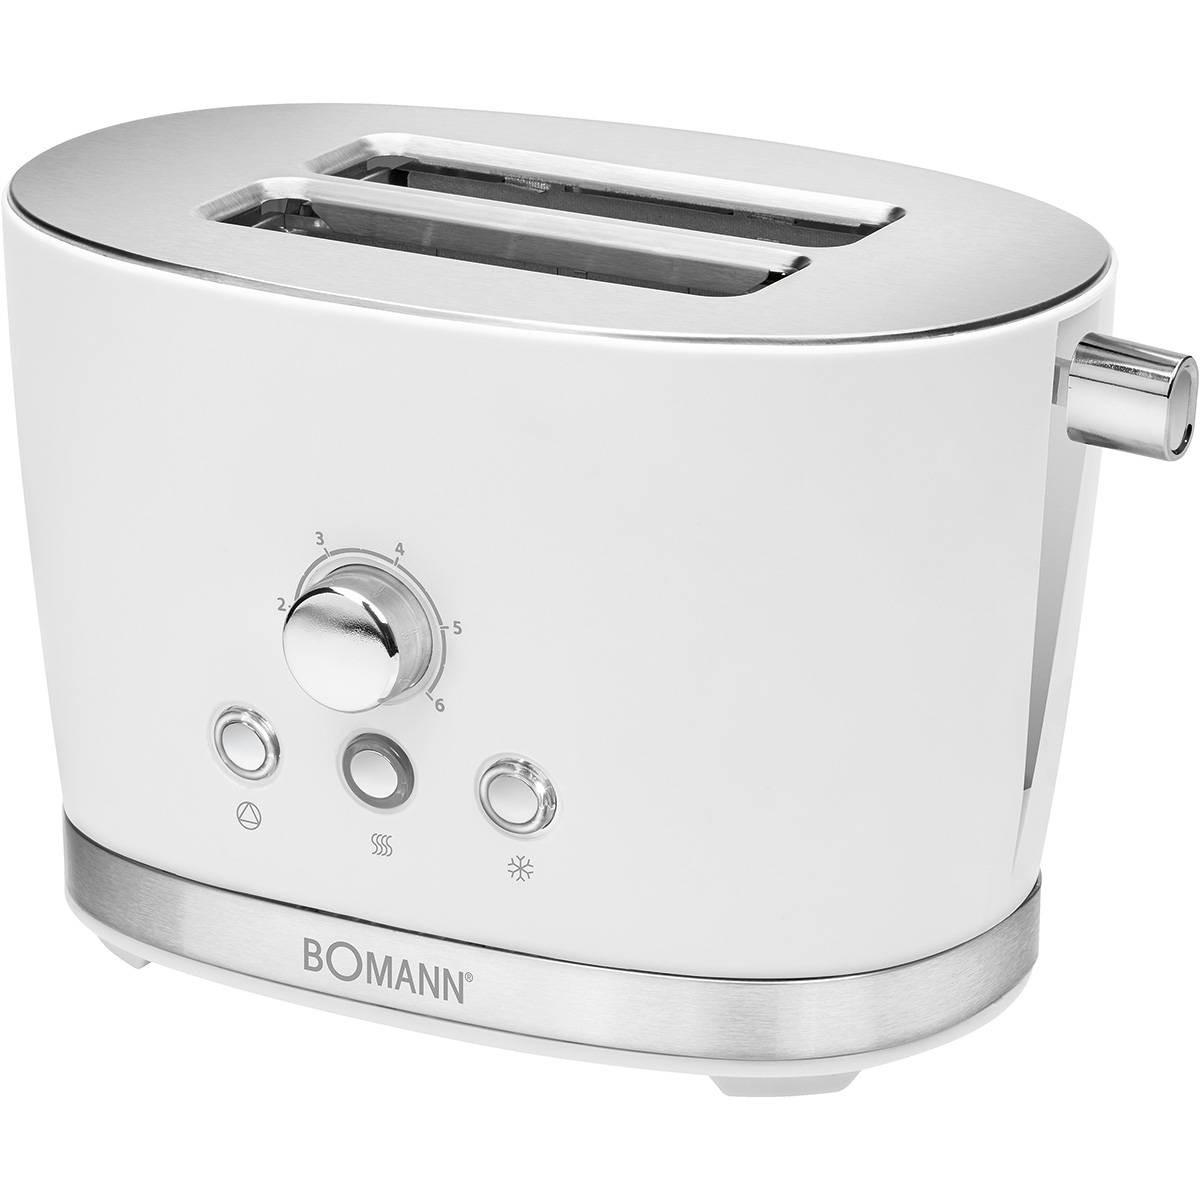 Bomann TA 3005 - Tostadora 2 rebanadas, 3 funciones, calienta panecillos, 850W, diseño retro blanco